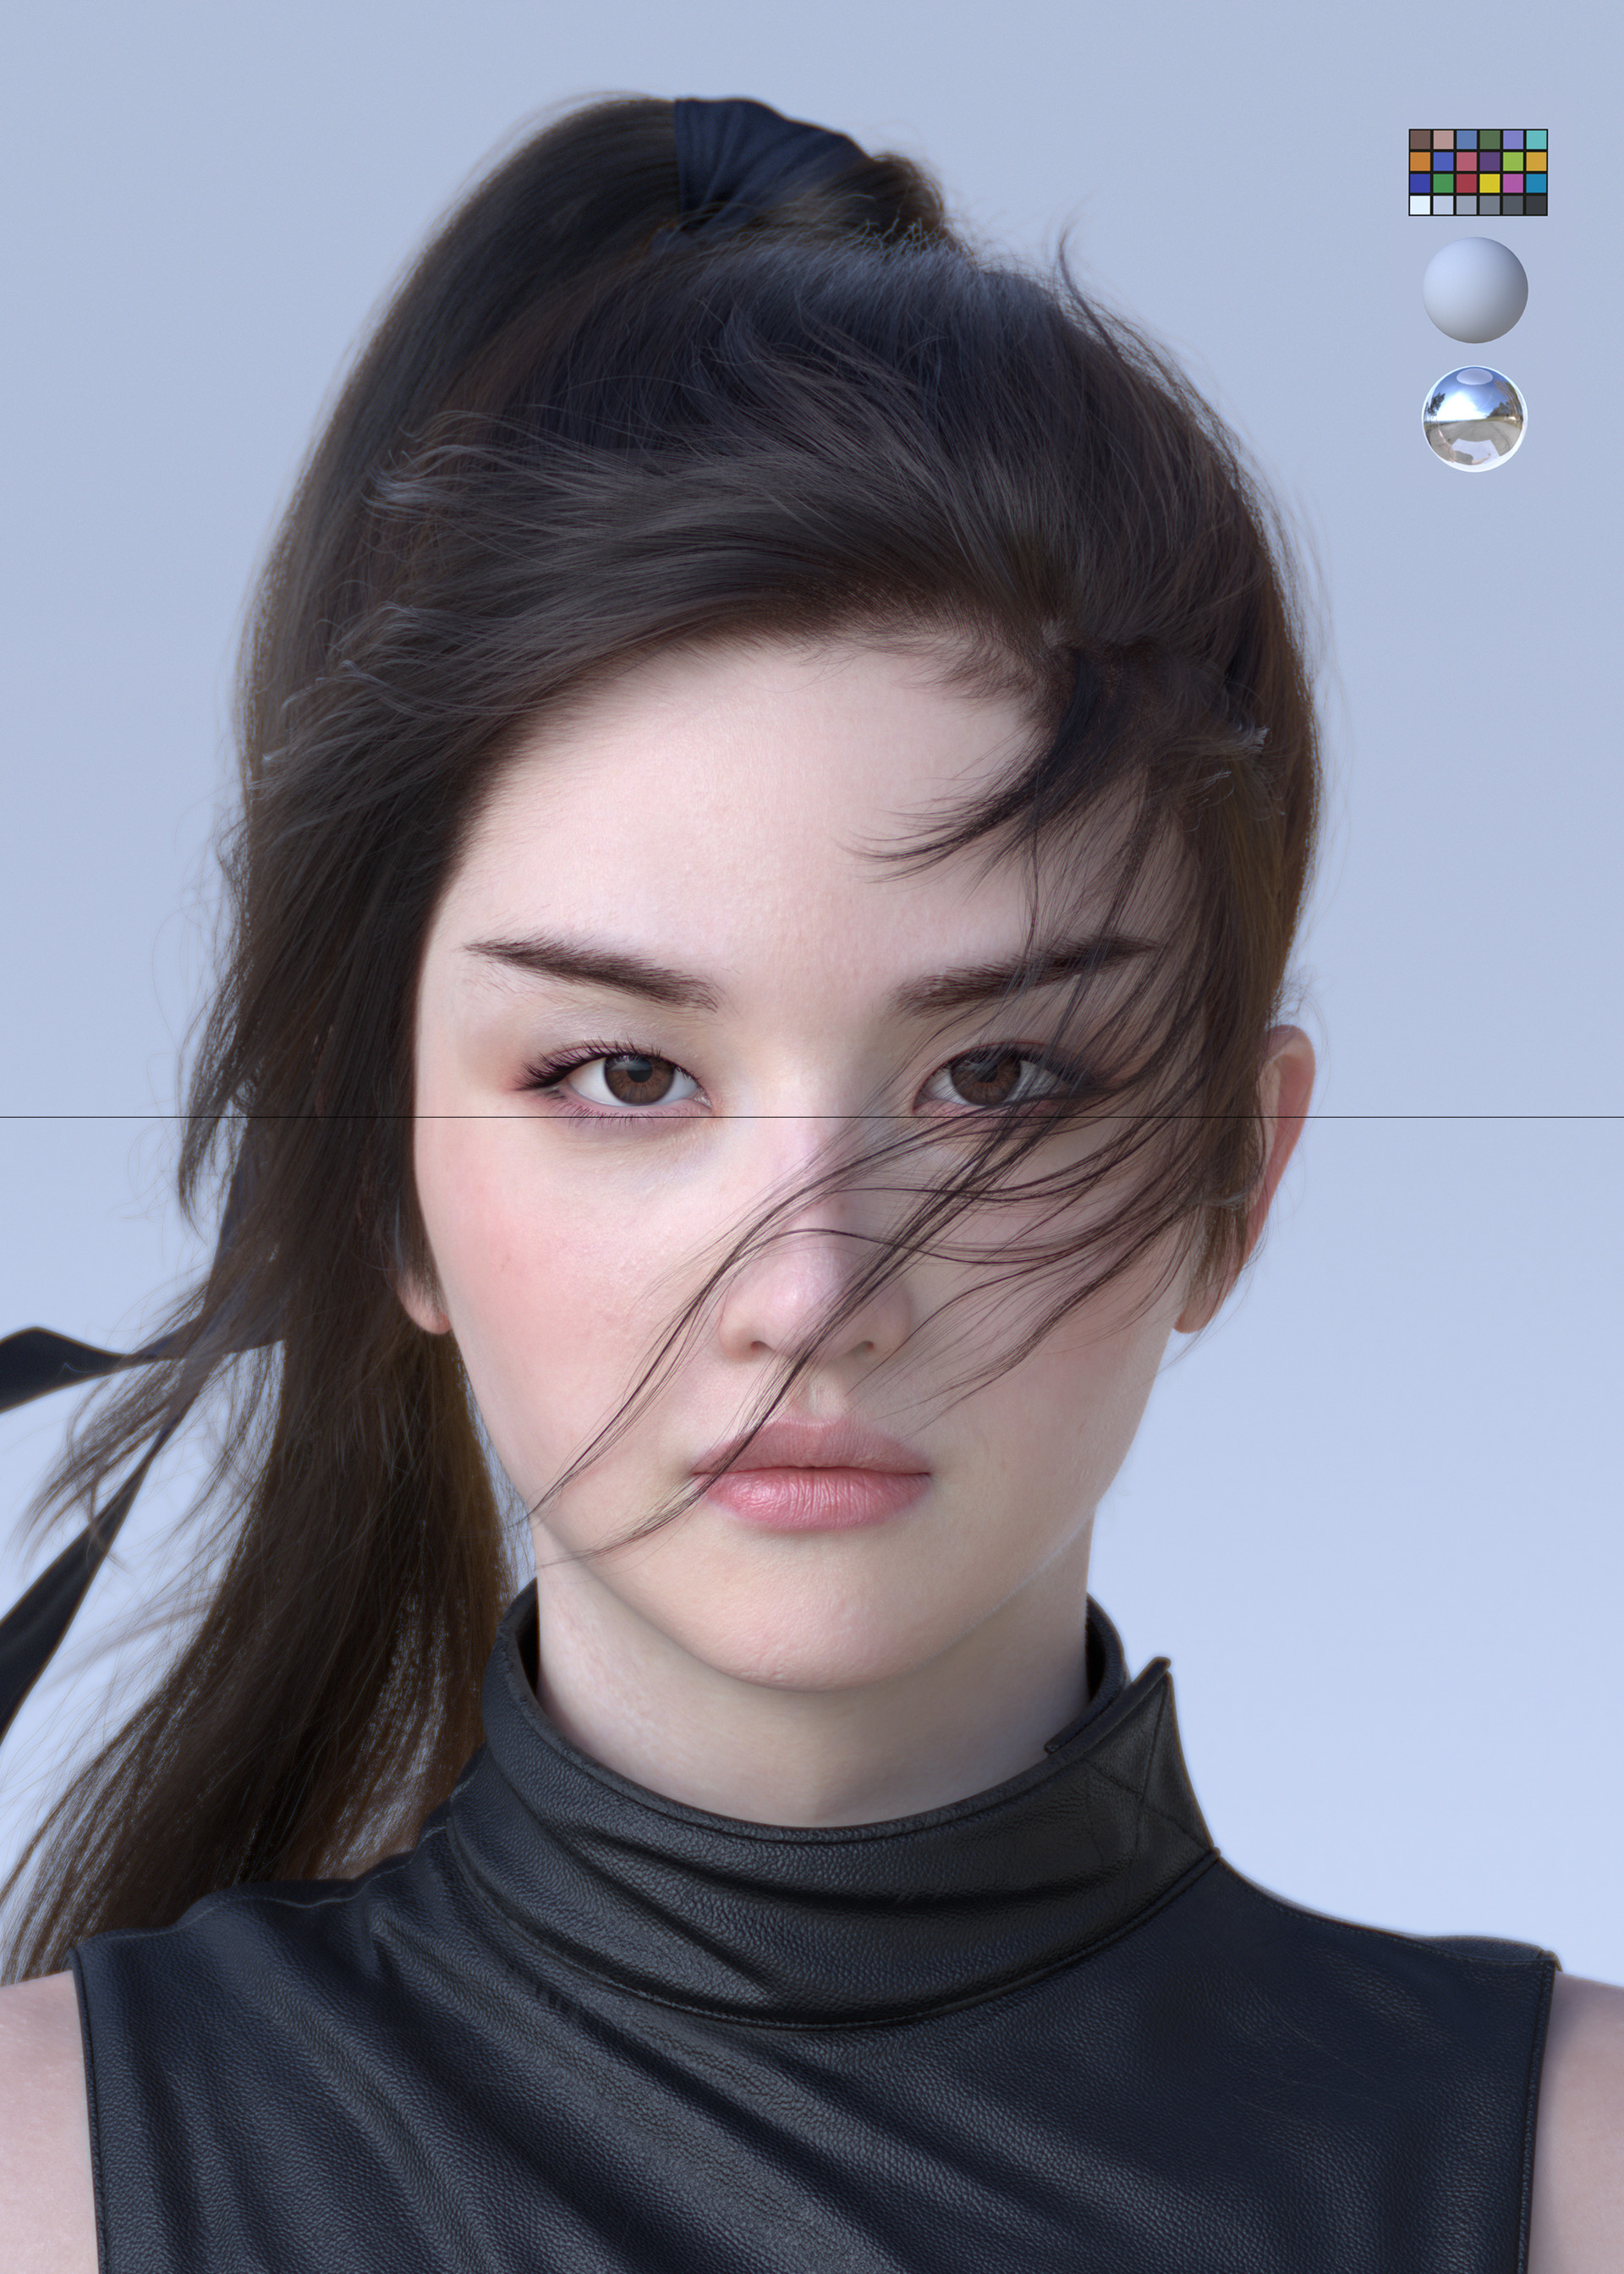 Jung Won Park Liu Yifei Likeness As Mulan Fin